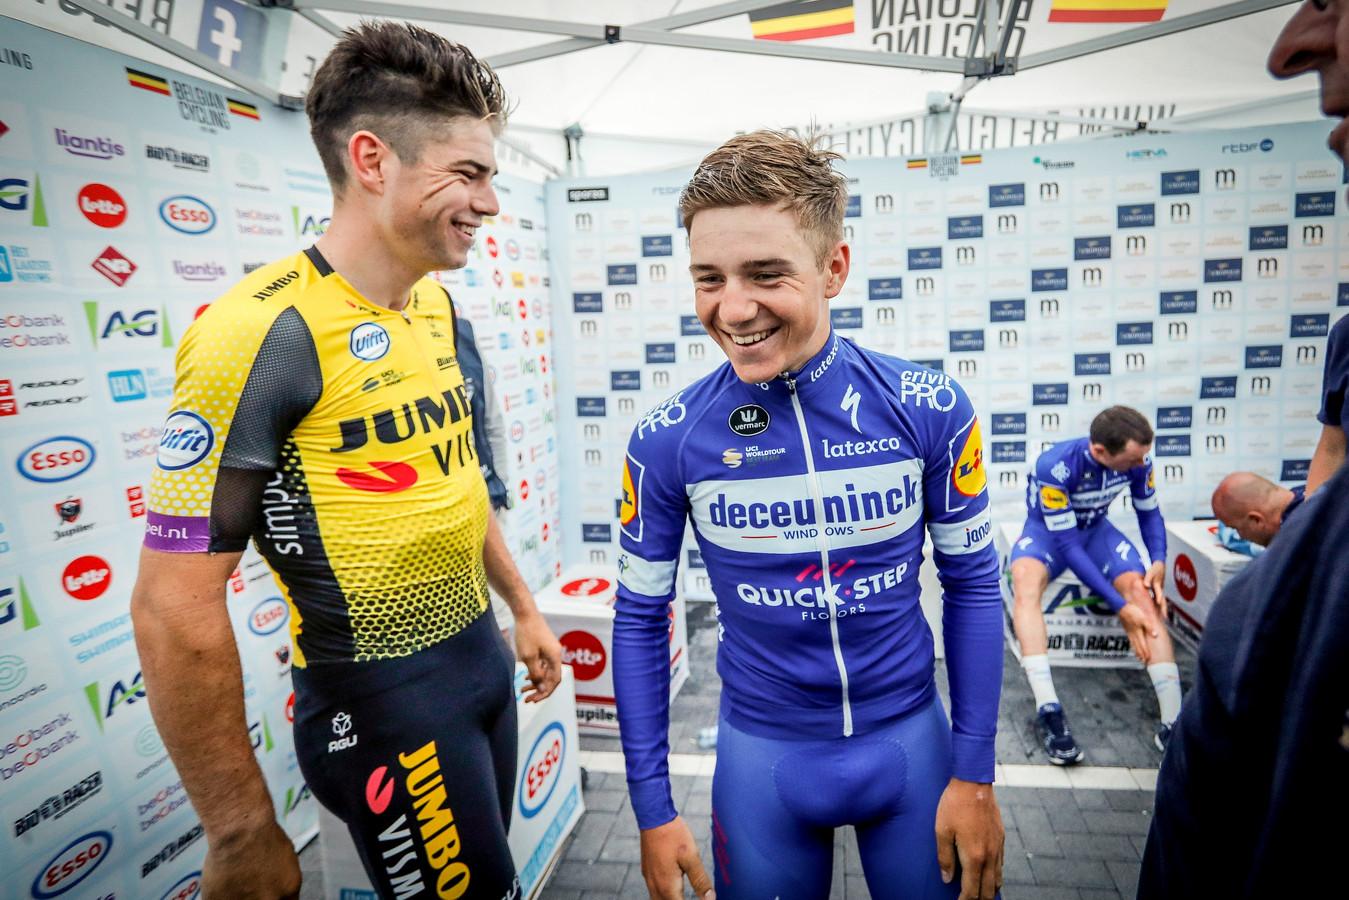 Wout Van Aert et Remco Evenepoel devraient être les portes drapeaux de l'équipe nationale belge sur la course en ligne et le chrono des Jeux Olympiques de Tokyo, l'été prochain.